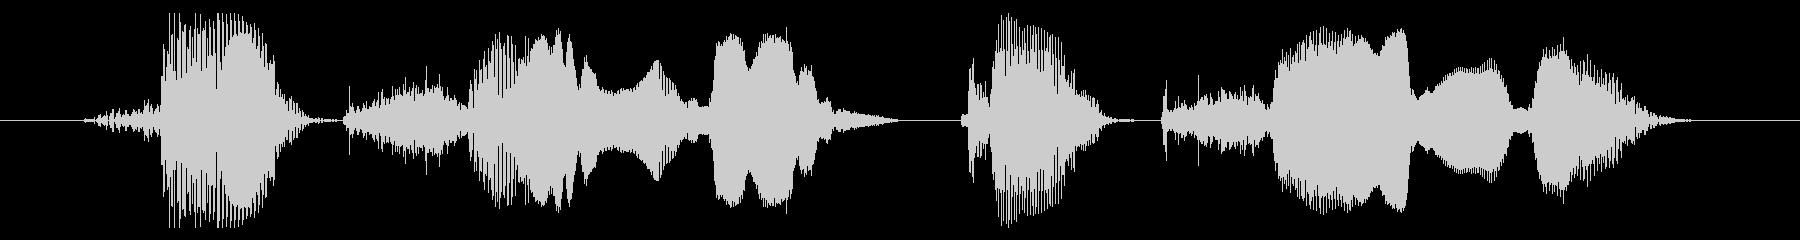 動画用面白声素材_ごきゅり_2の未再生の波形